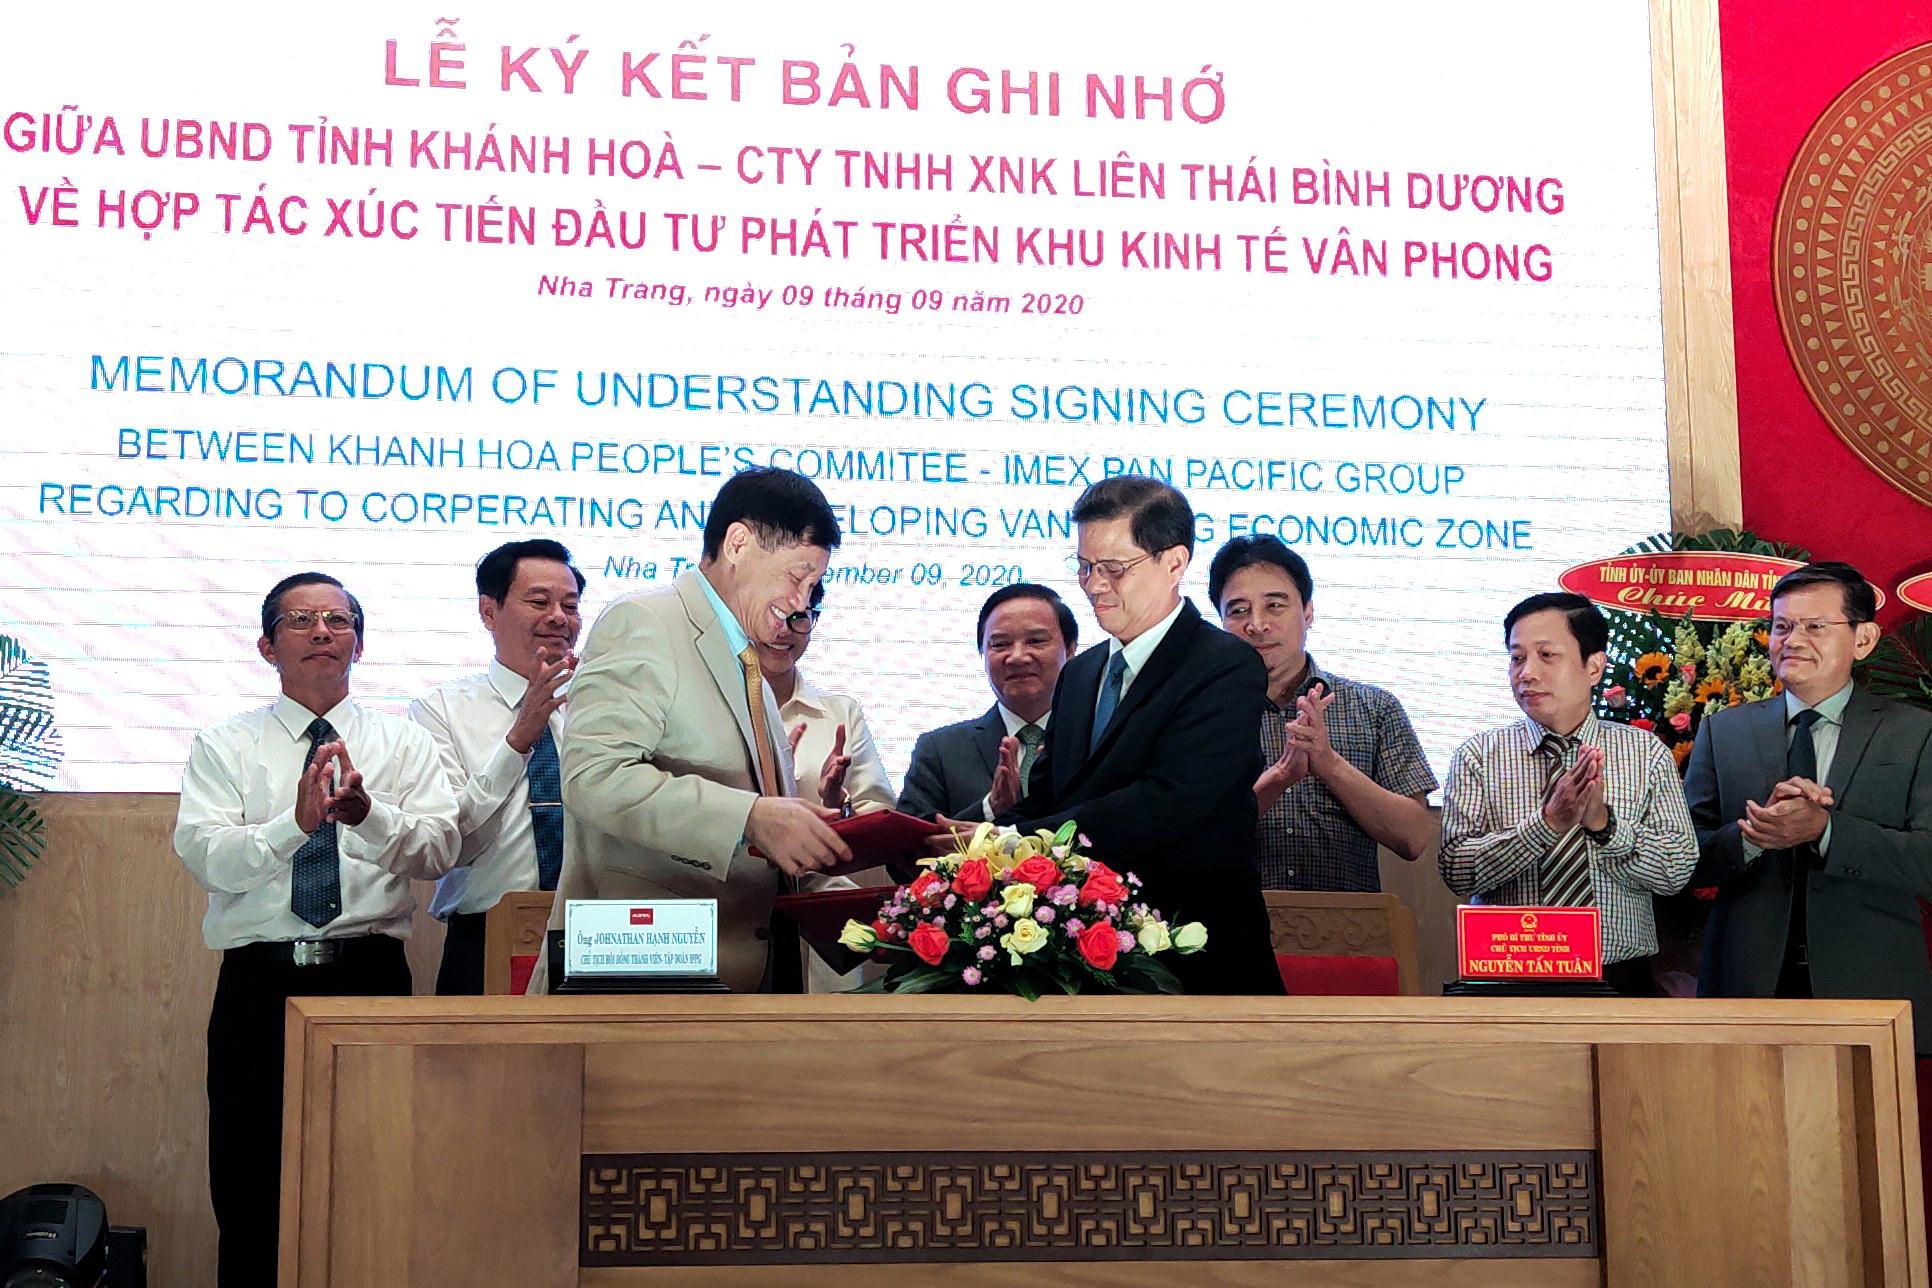 Công ty ông Johnnathan Hạnh Nguyễn chính thức hợp tác xúc tiến đầu tư phát triển KKT Vân Phong